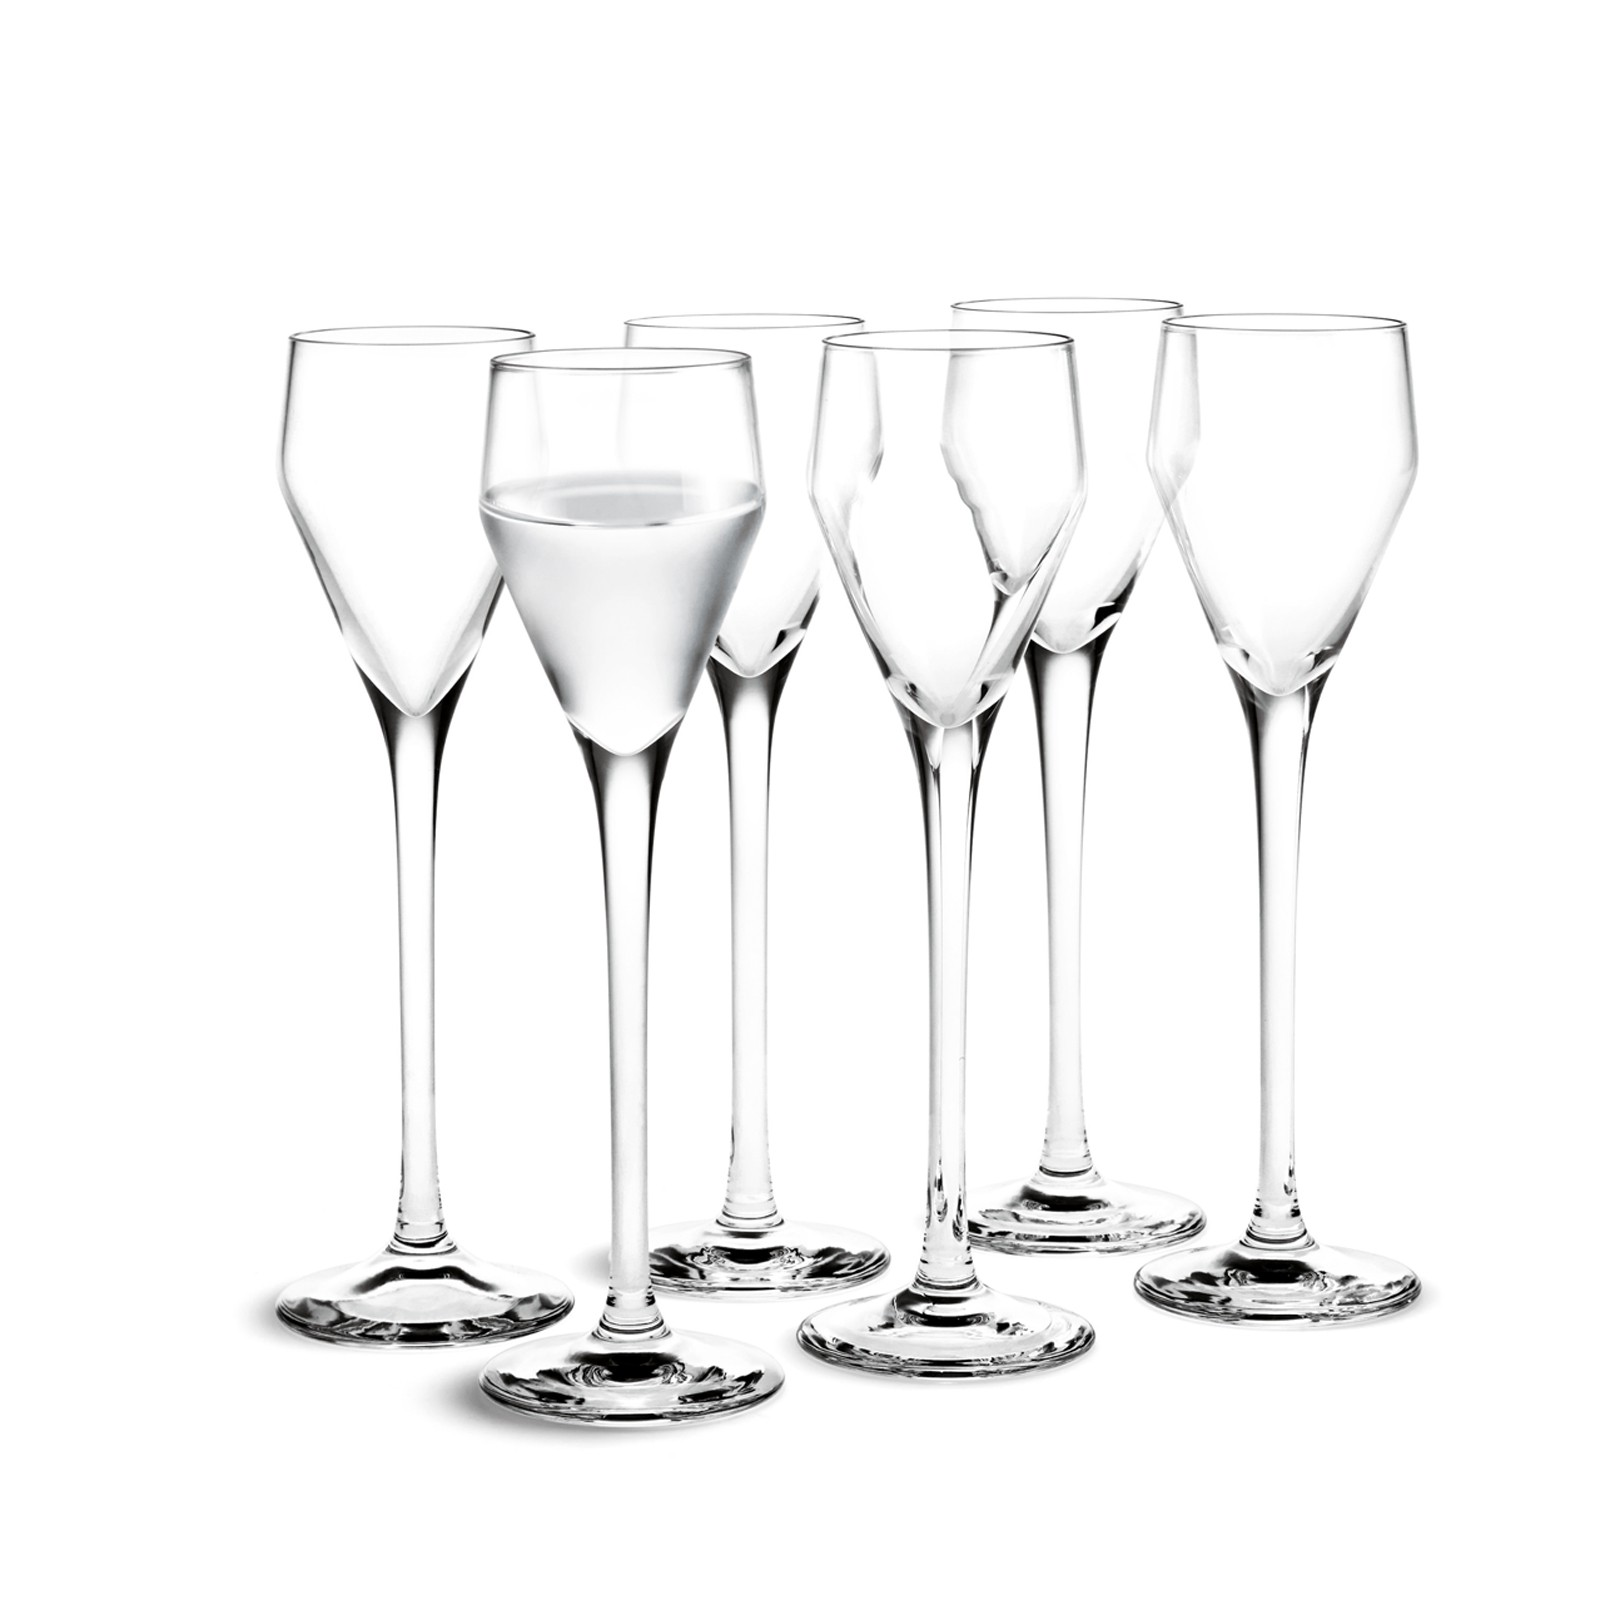 Schnapsgläser Mit Stiel holmegaard perfection schnapsglas 6 stück 5 5 cl design tom nybroe